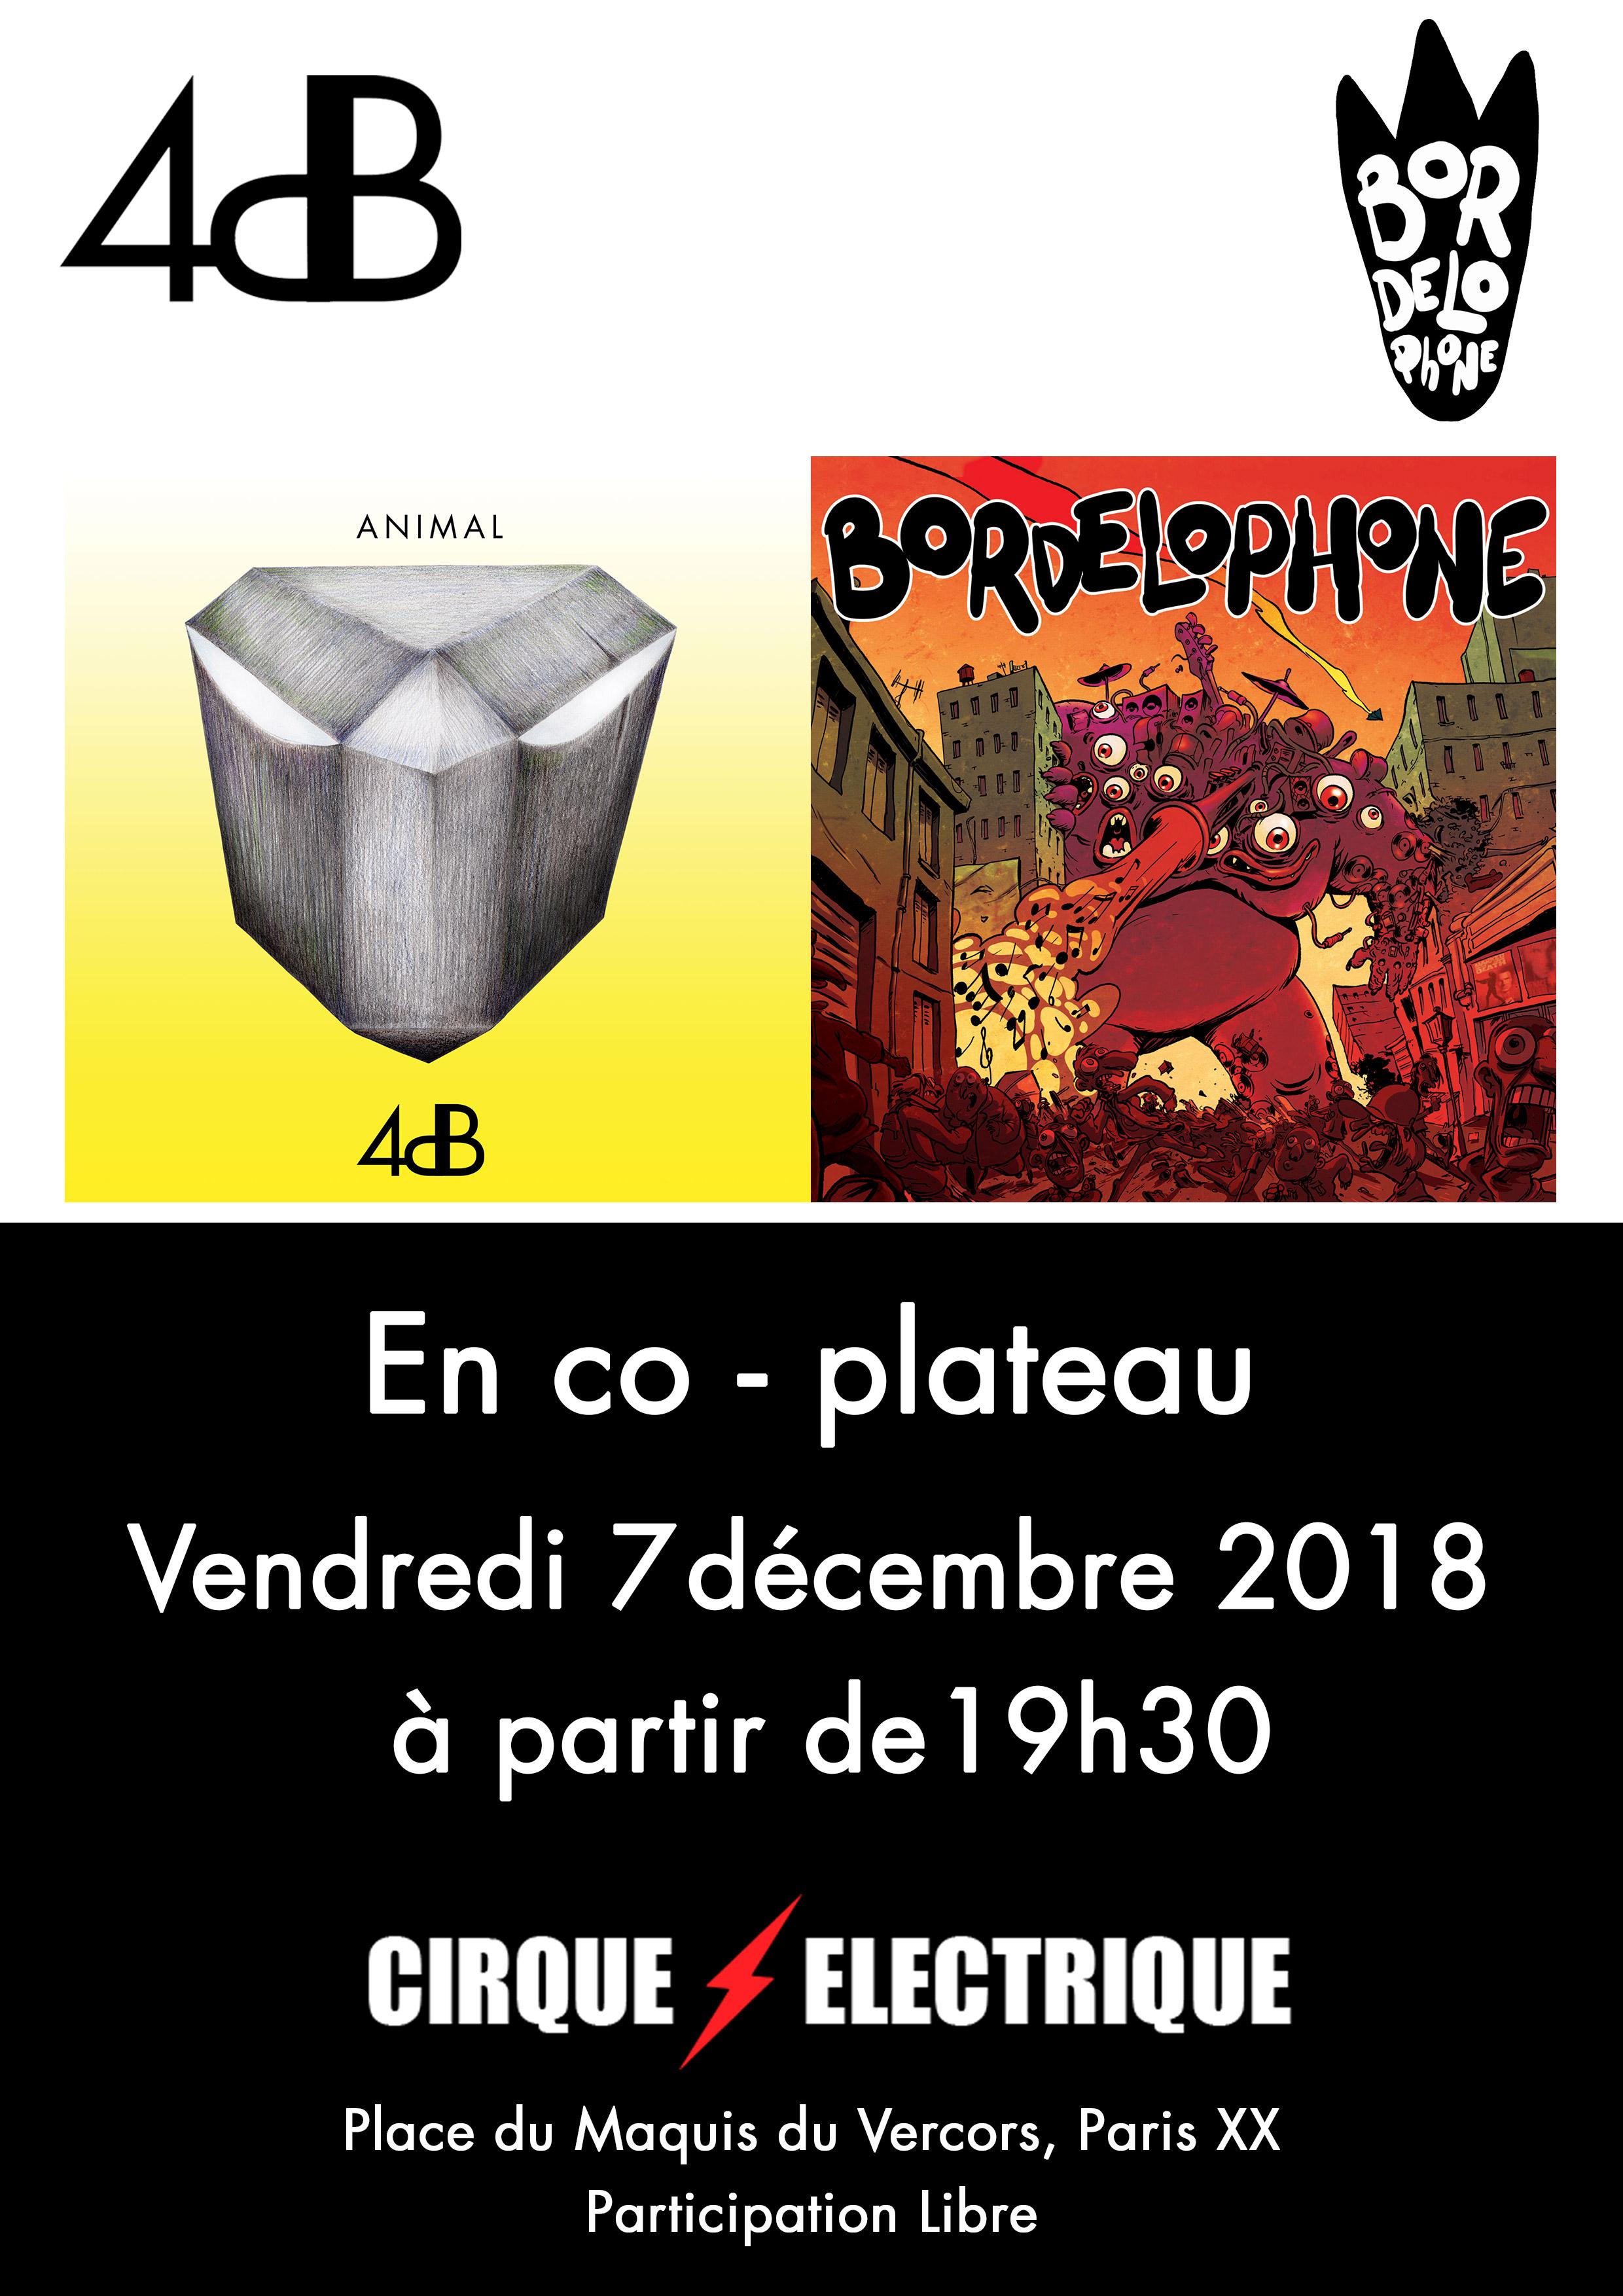 Jazz Fusion / Rock Progressif - 4dB et Bordelophone au Cirque Electrique à Paris